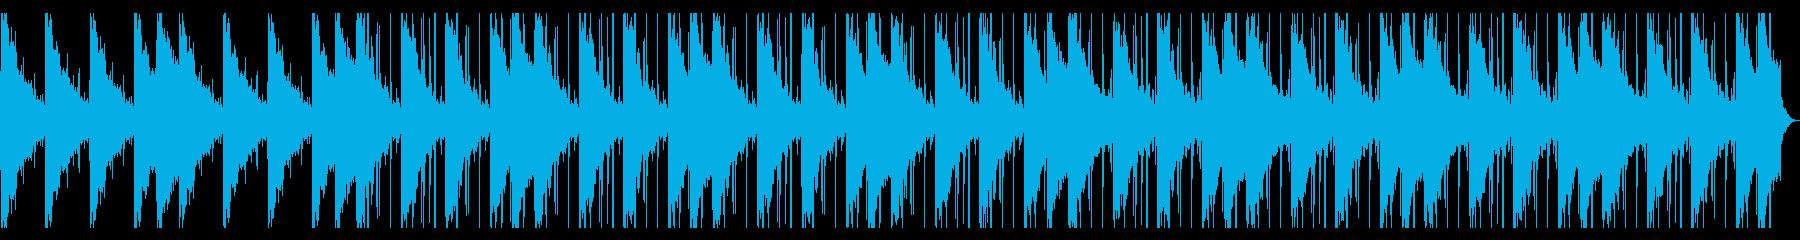 捜索するようなR&B_No616_2の再生済みの波形